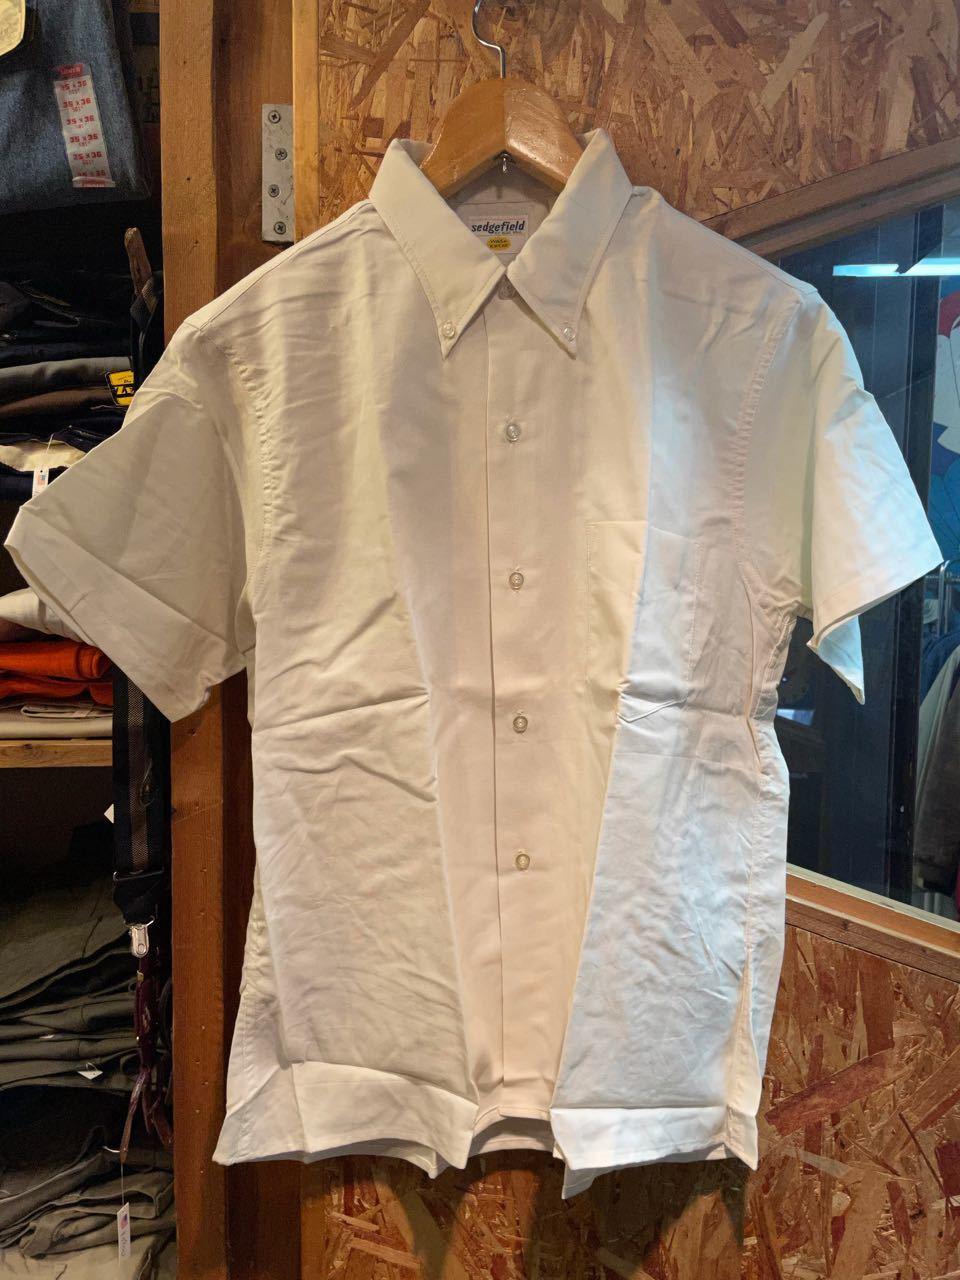 6月3日(木)入荷!60s デッドストック all cotton  deadstock Bluebell Sedgefileld B.D shirts! /ボタンダウンシャツ_c0144020_13224296.jpg